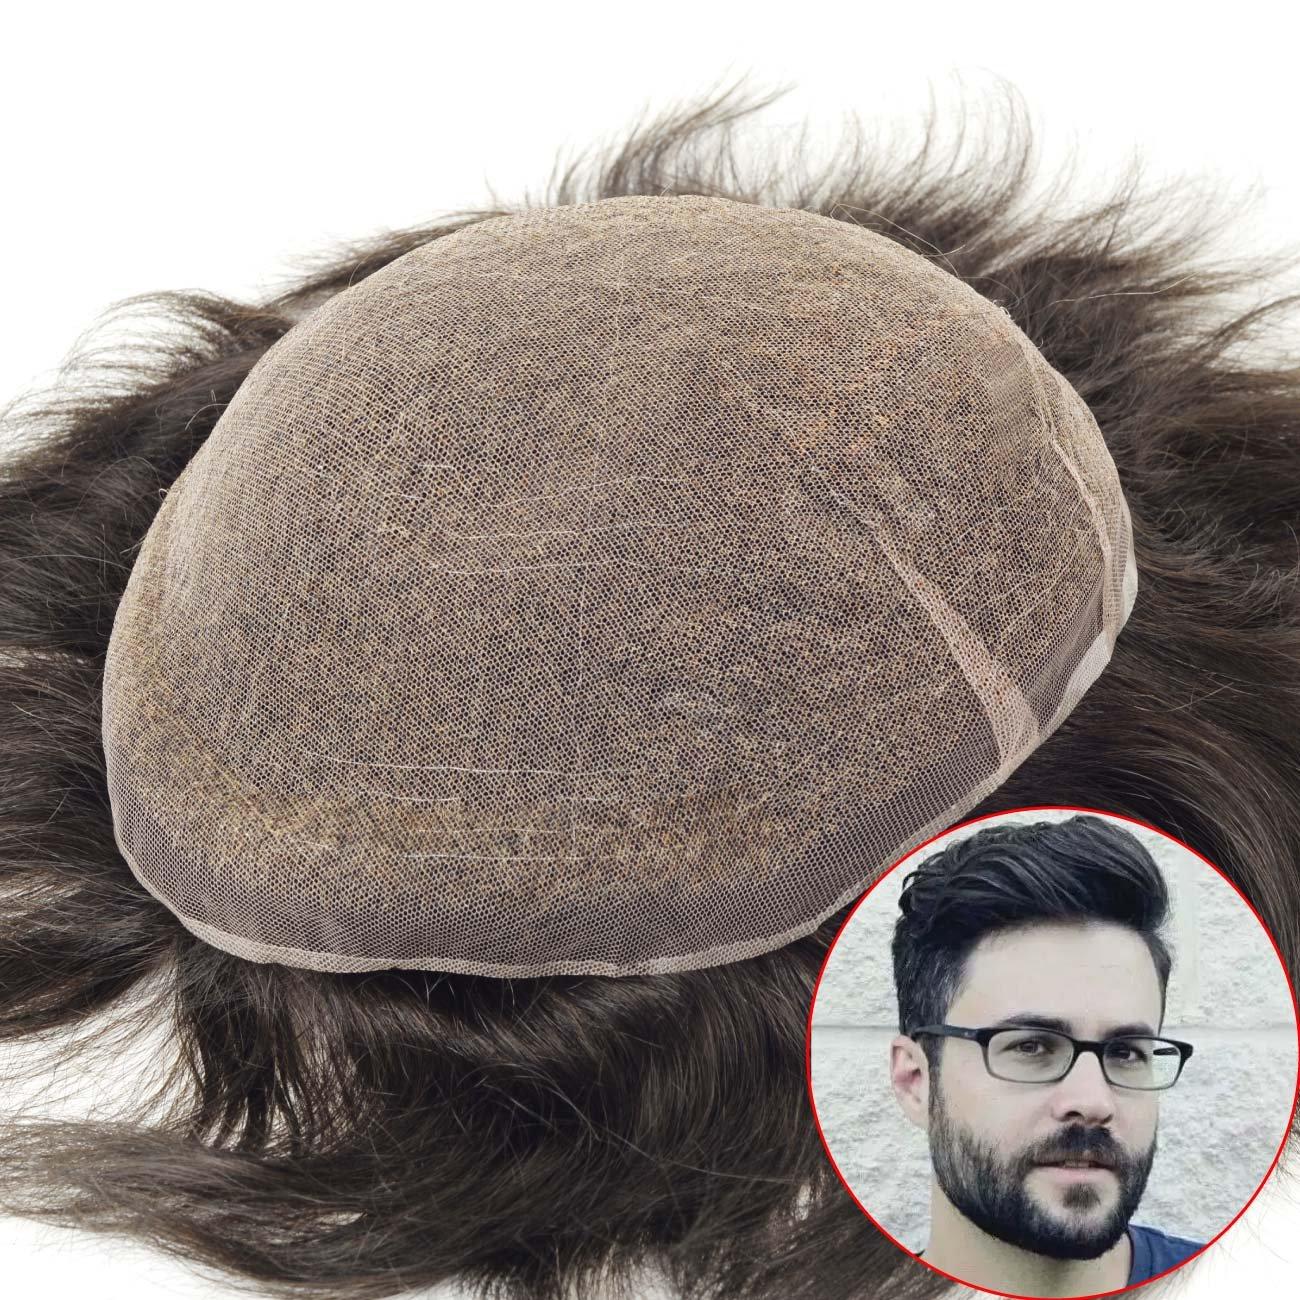 lordhair Toupee para hombres densidad media S7 M negro sistemas de pelo pieza de pelo de repuesto # 1B: Amazon.es: Belleza